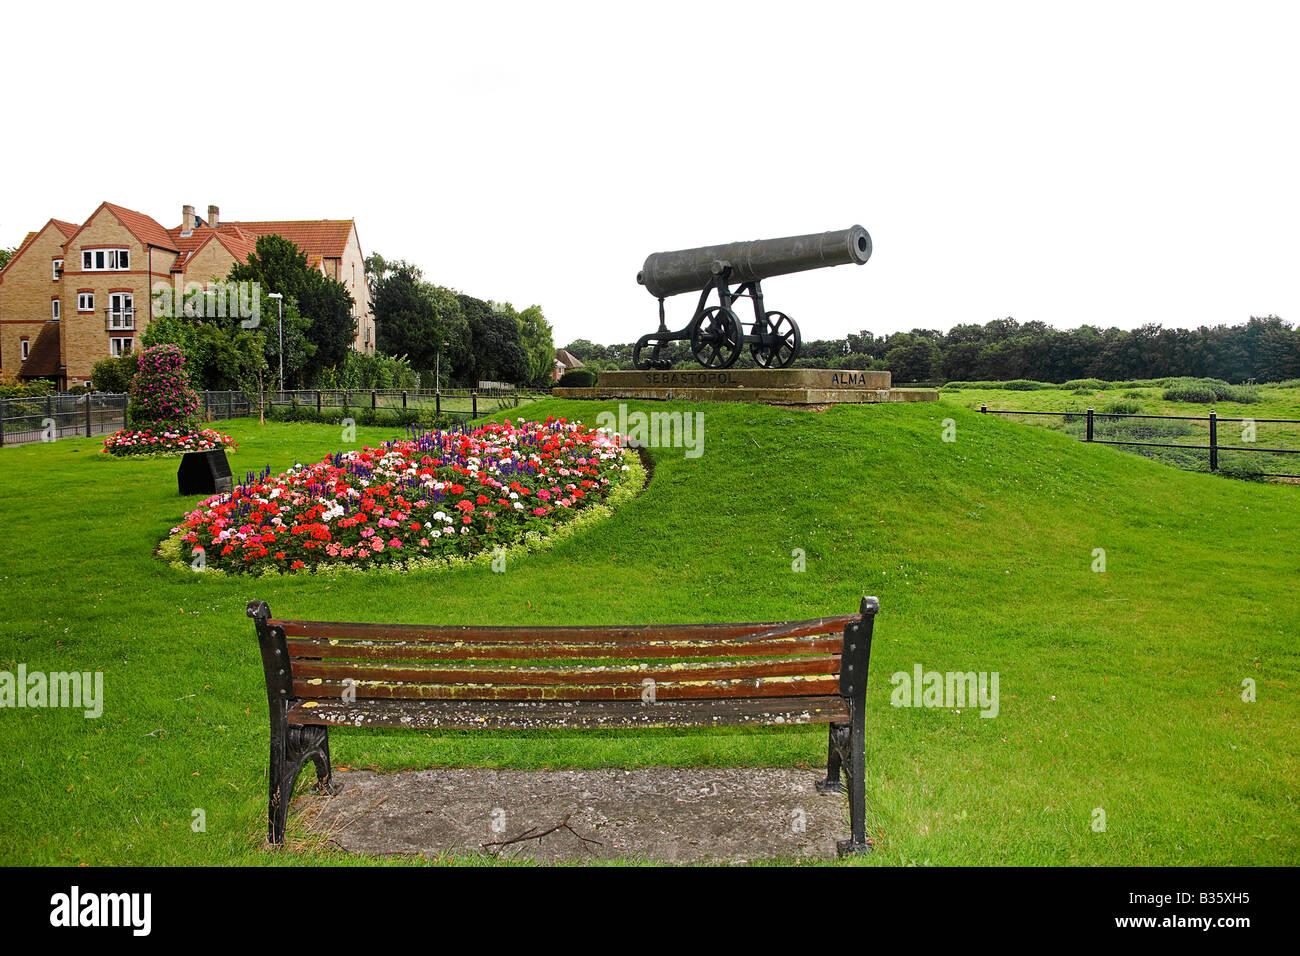 Remembering the battle of Sebastopol. Huntingdon. - Stock Image